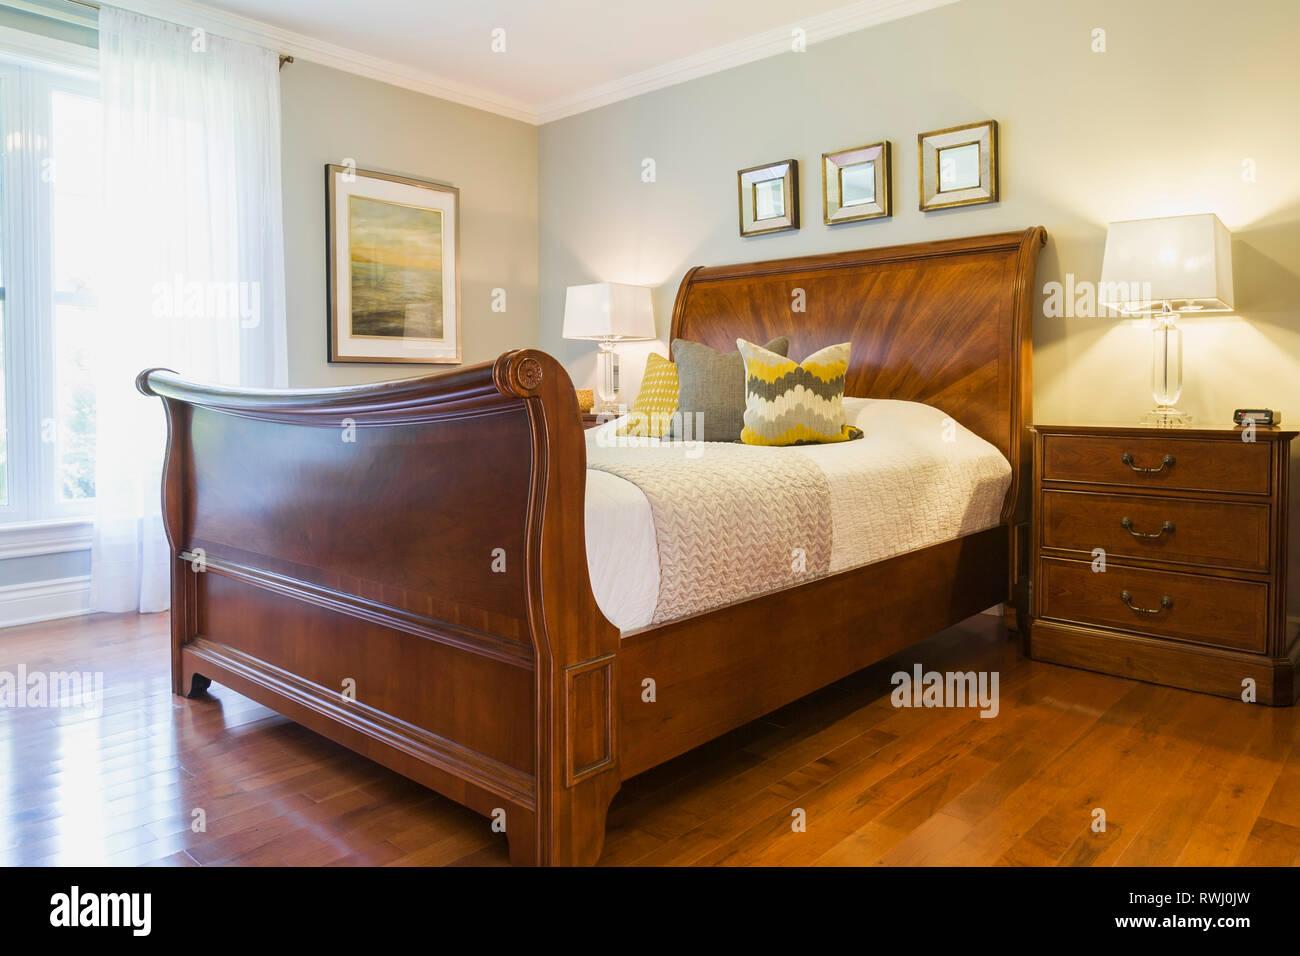 Braun antike Pferdeschlitten Queen size Bett im Schlafzimmer ...